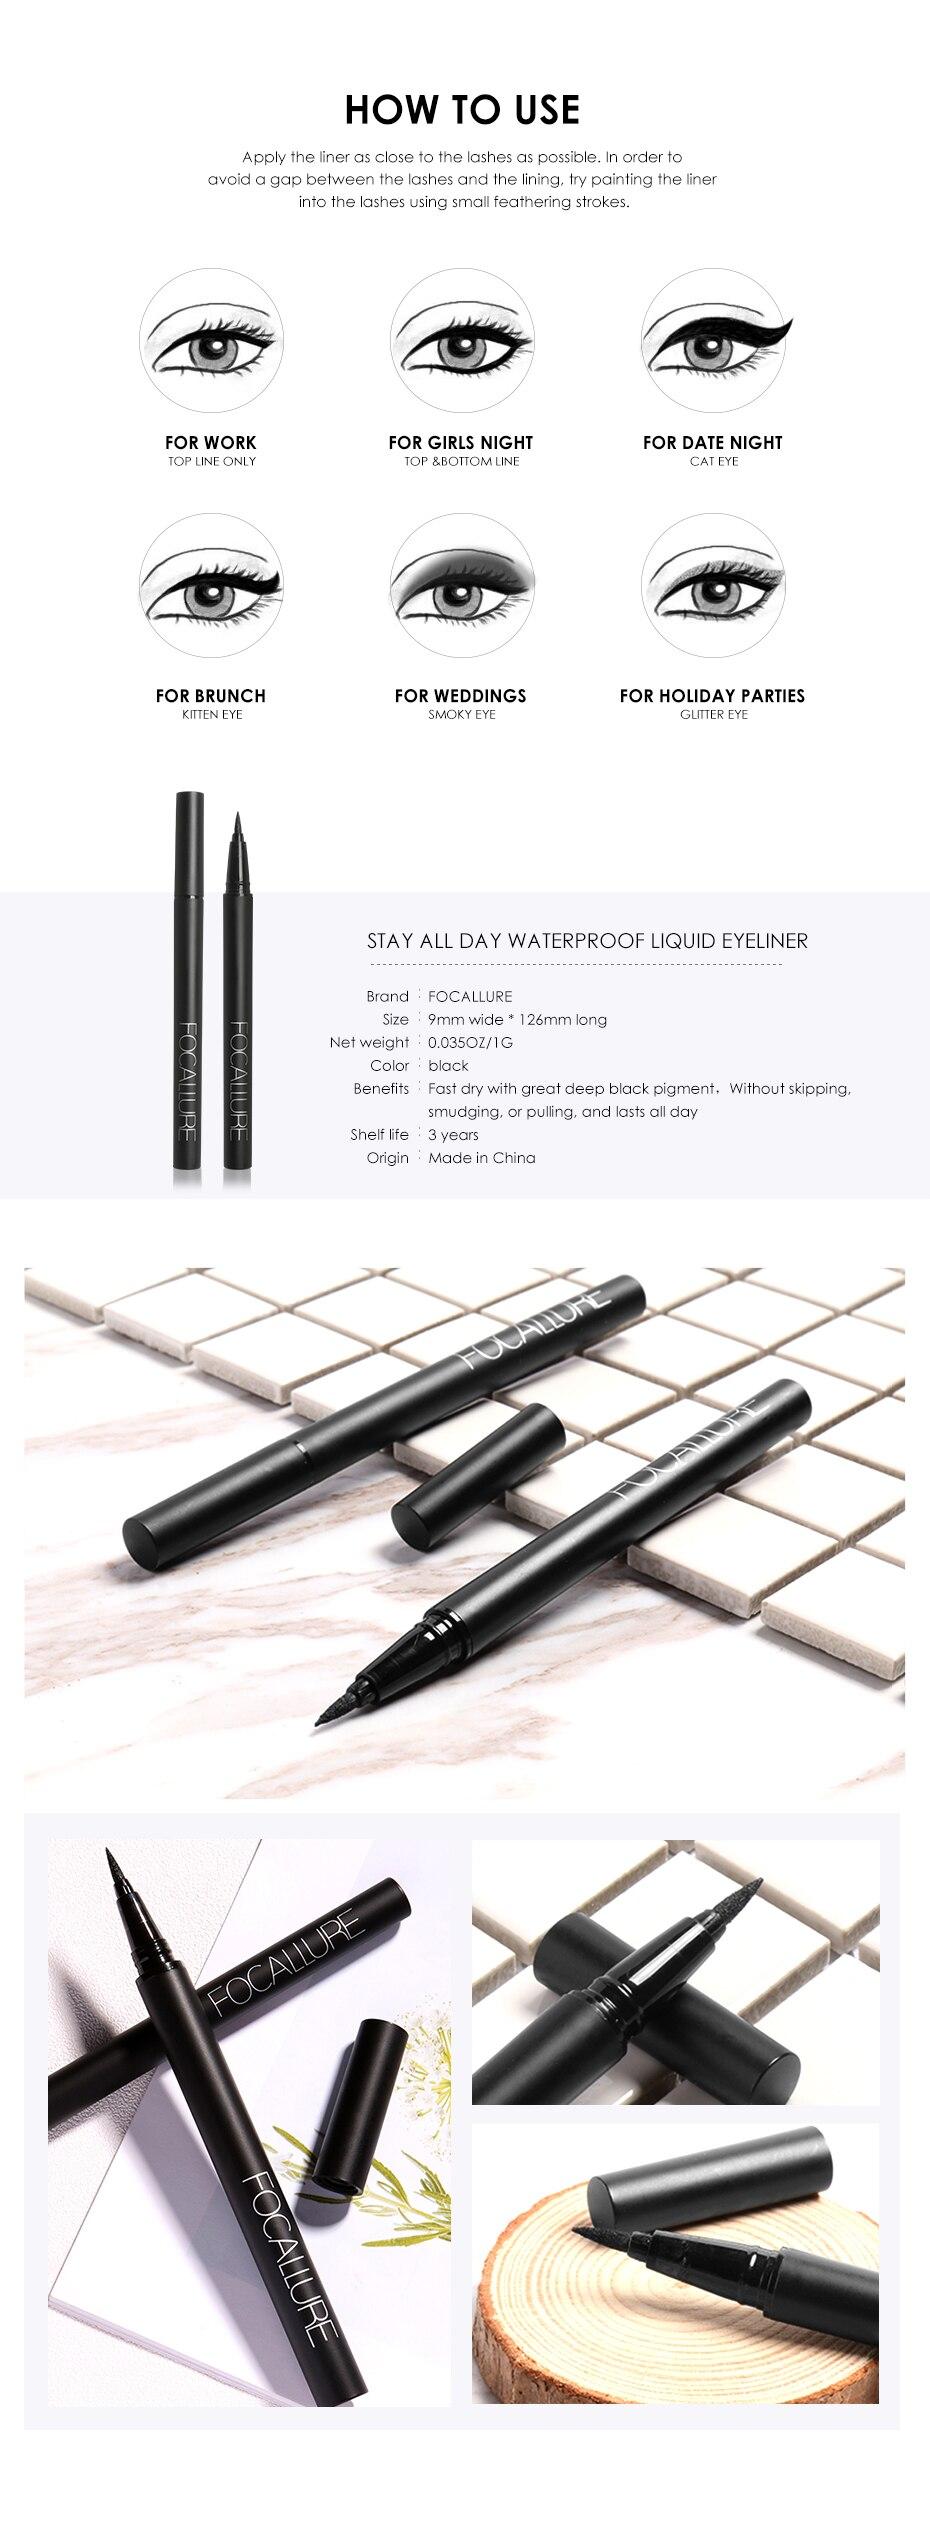 24-Hour Long Lasting Waterproof Eyeliner Pen